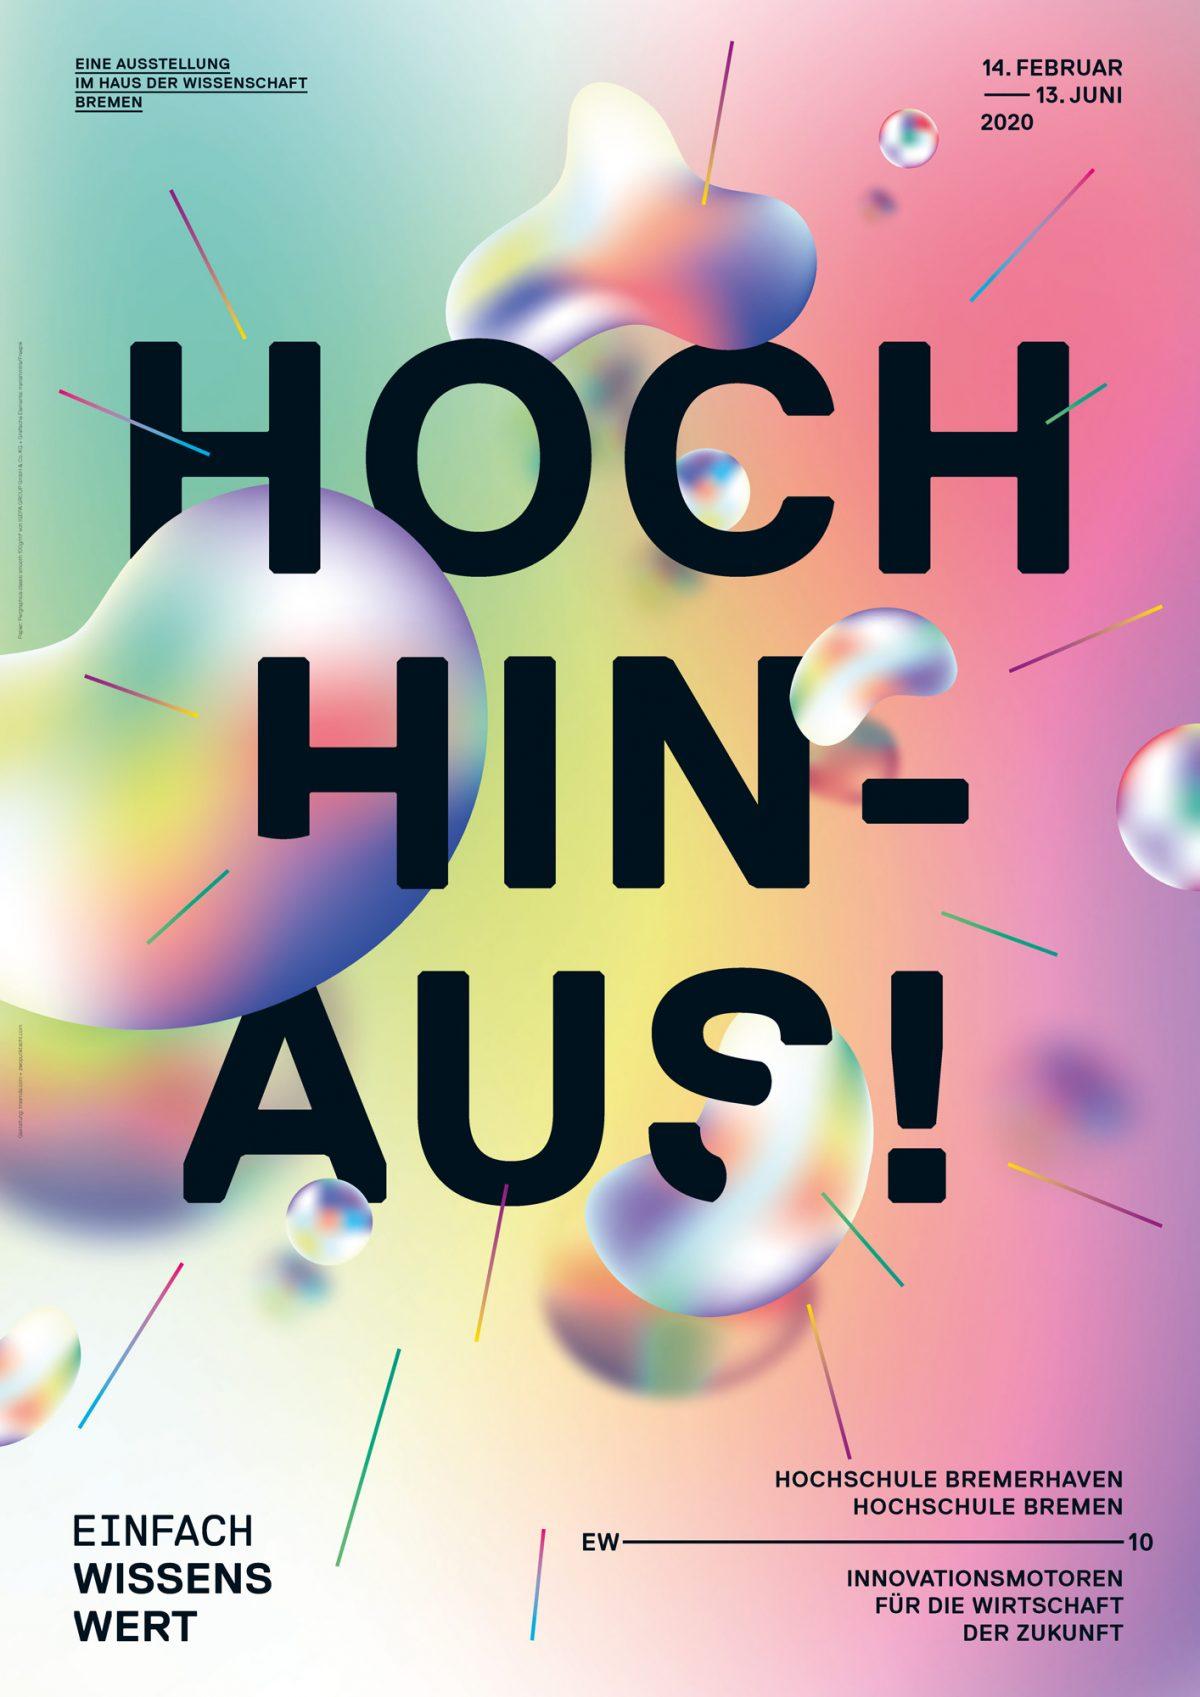 Plakat EINFACH WISSENSWERT HOCH HINAUS von Zwo.Acht